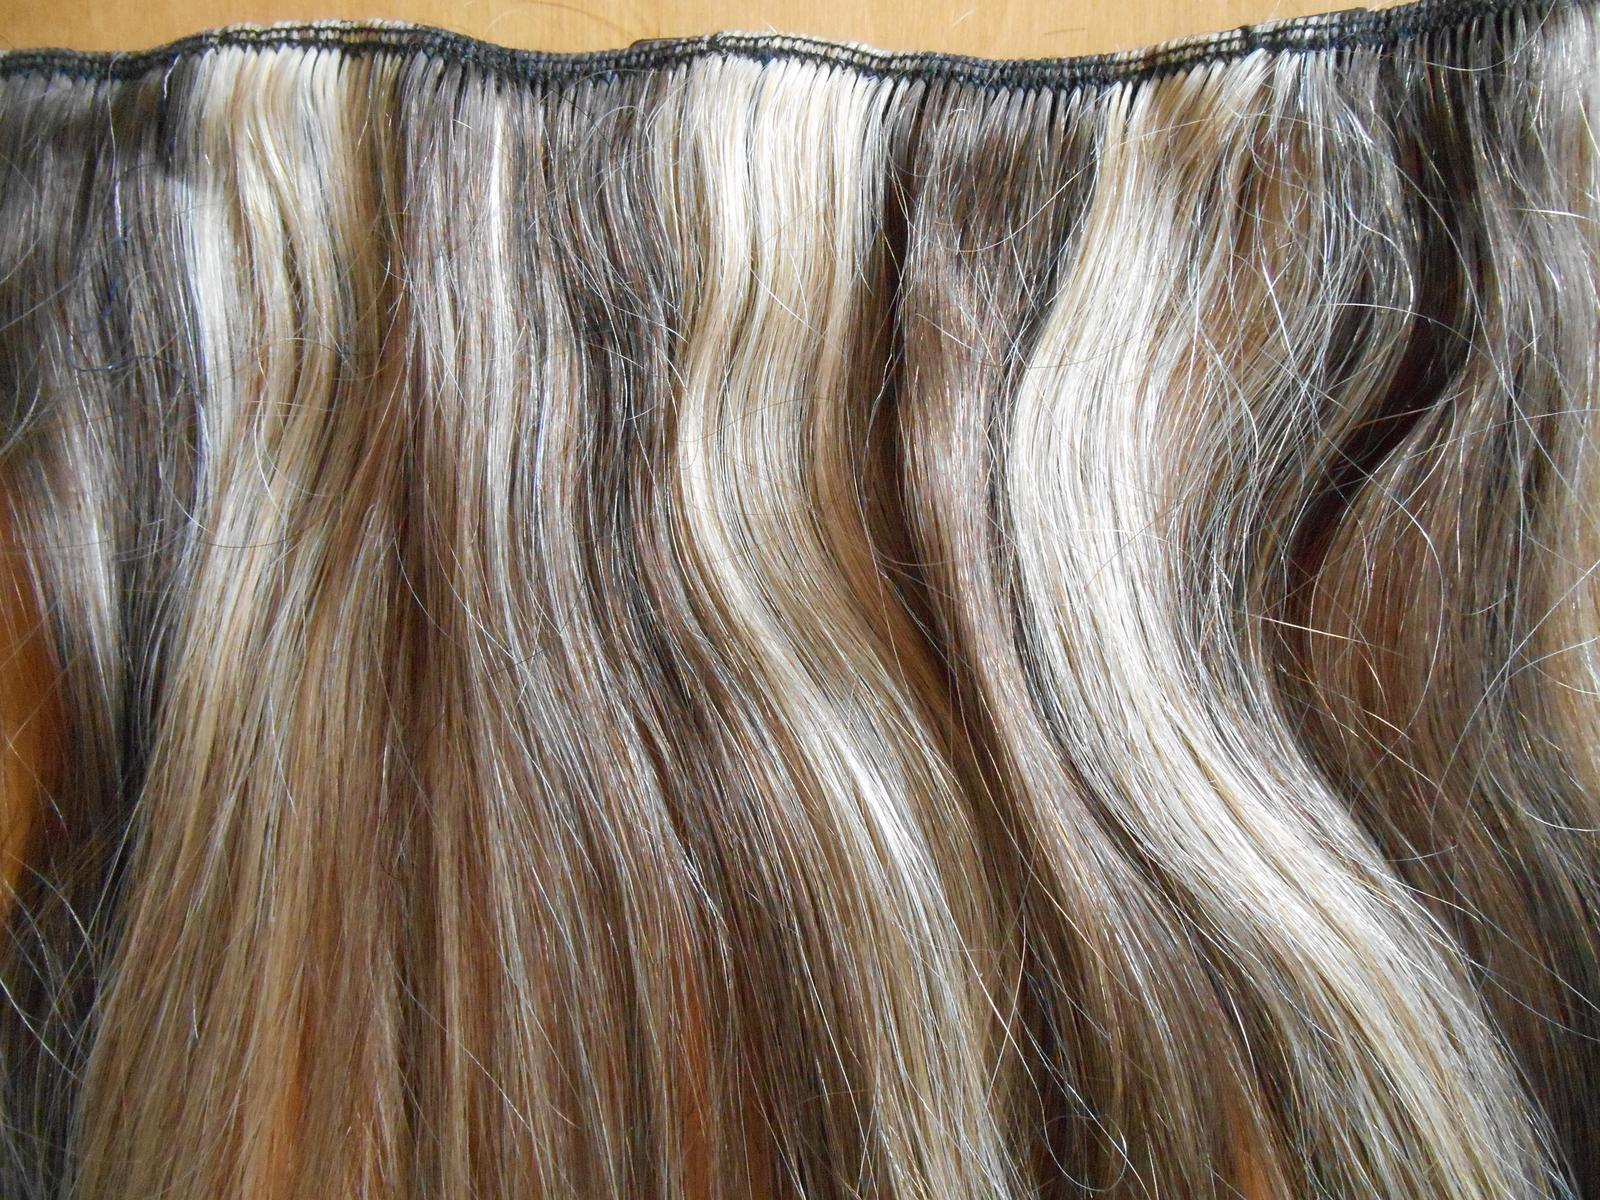 clip-in rýchlo pás 45 cm z pravých vlasov - Obrázok č. 2